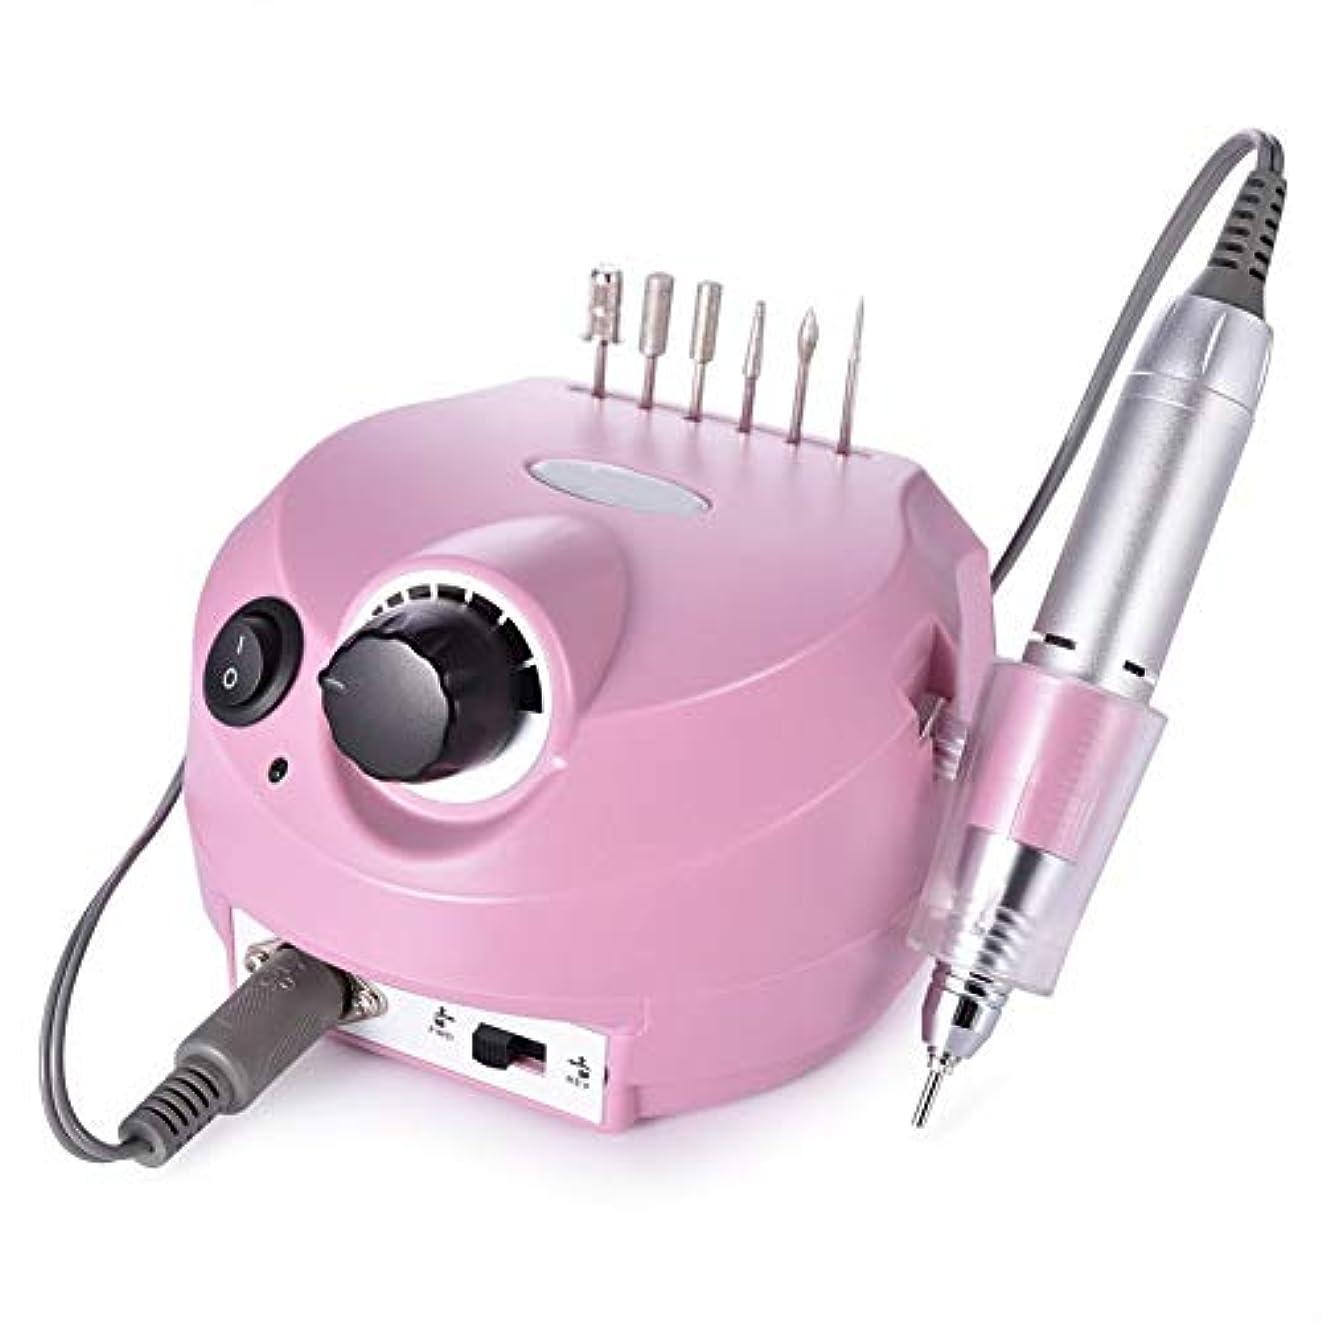 プレゼントチャンピオン光のマニキュアおよび釘の装飾のための電気釘のドリル装置の家の使用のための電気釘ドリルのマニキュアそしてペディキュアの粉砕機のキット,Pink